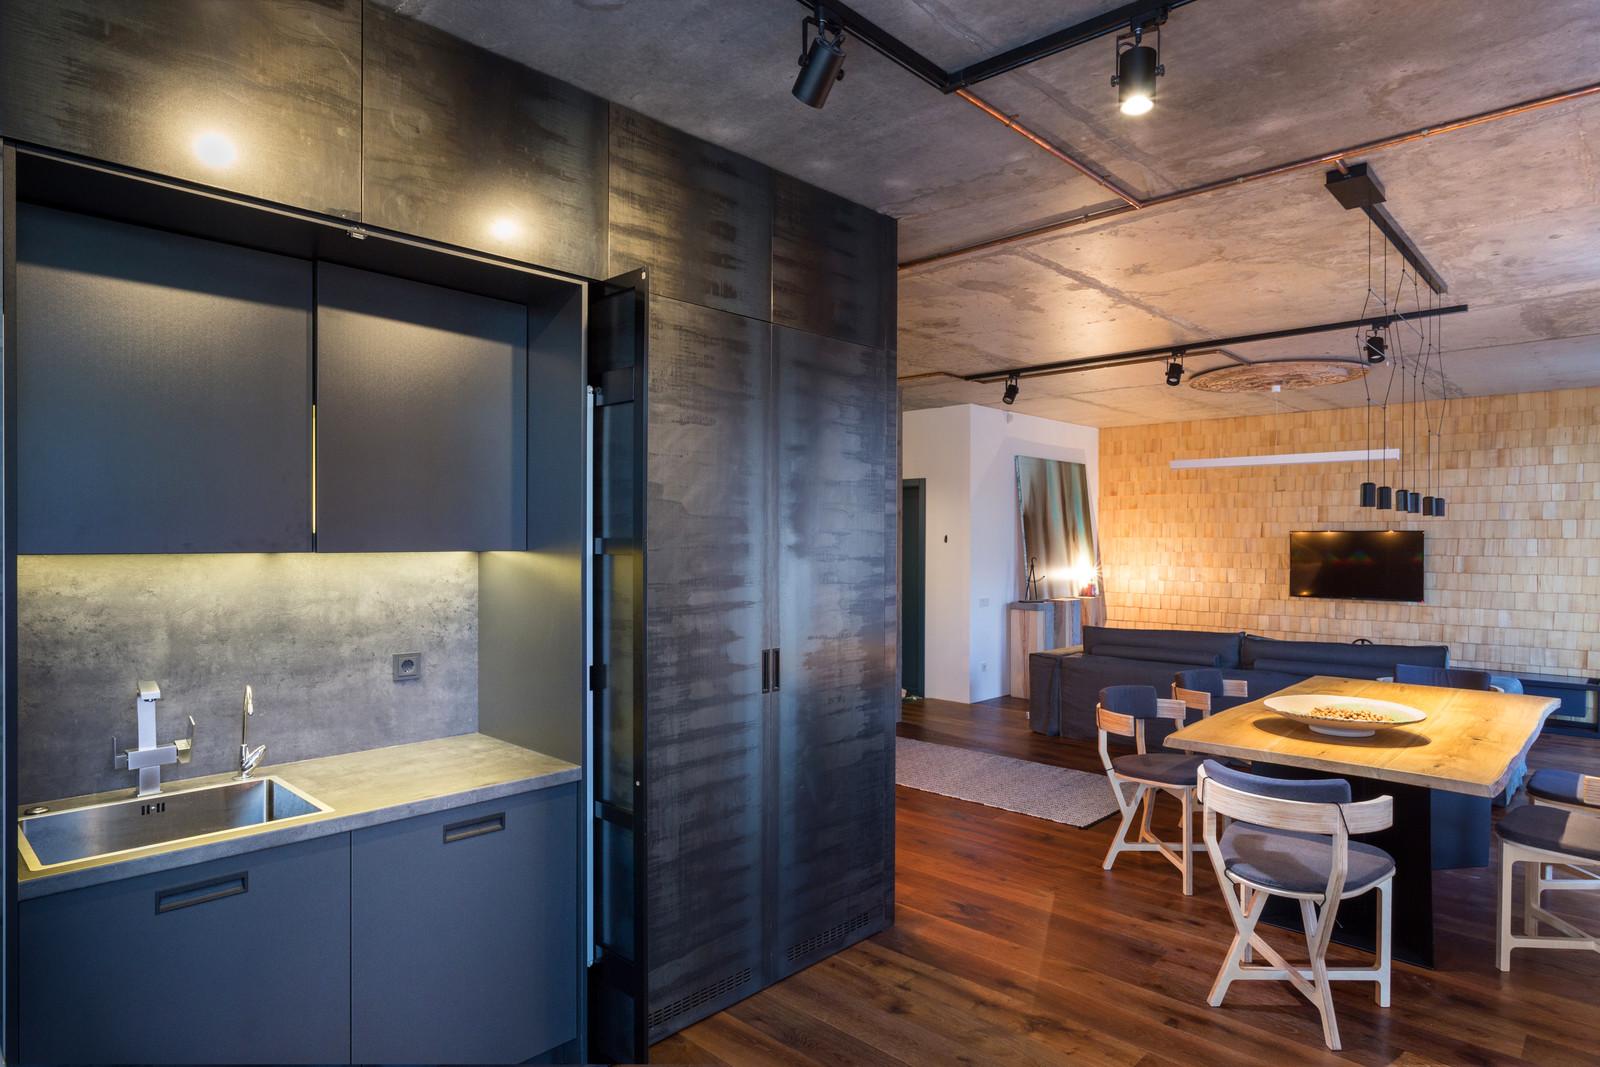 Apartment-design-just3ds.com-9